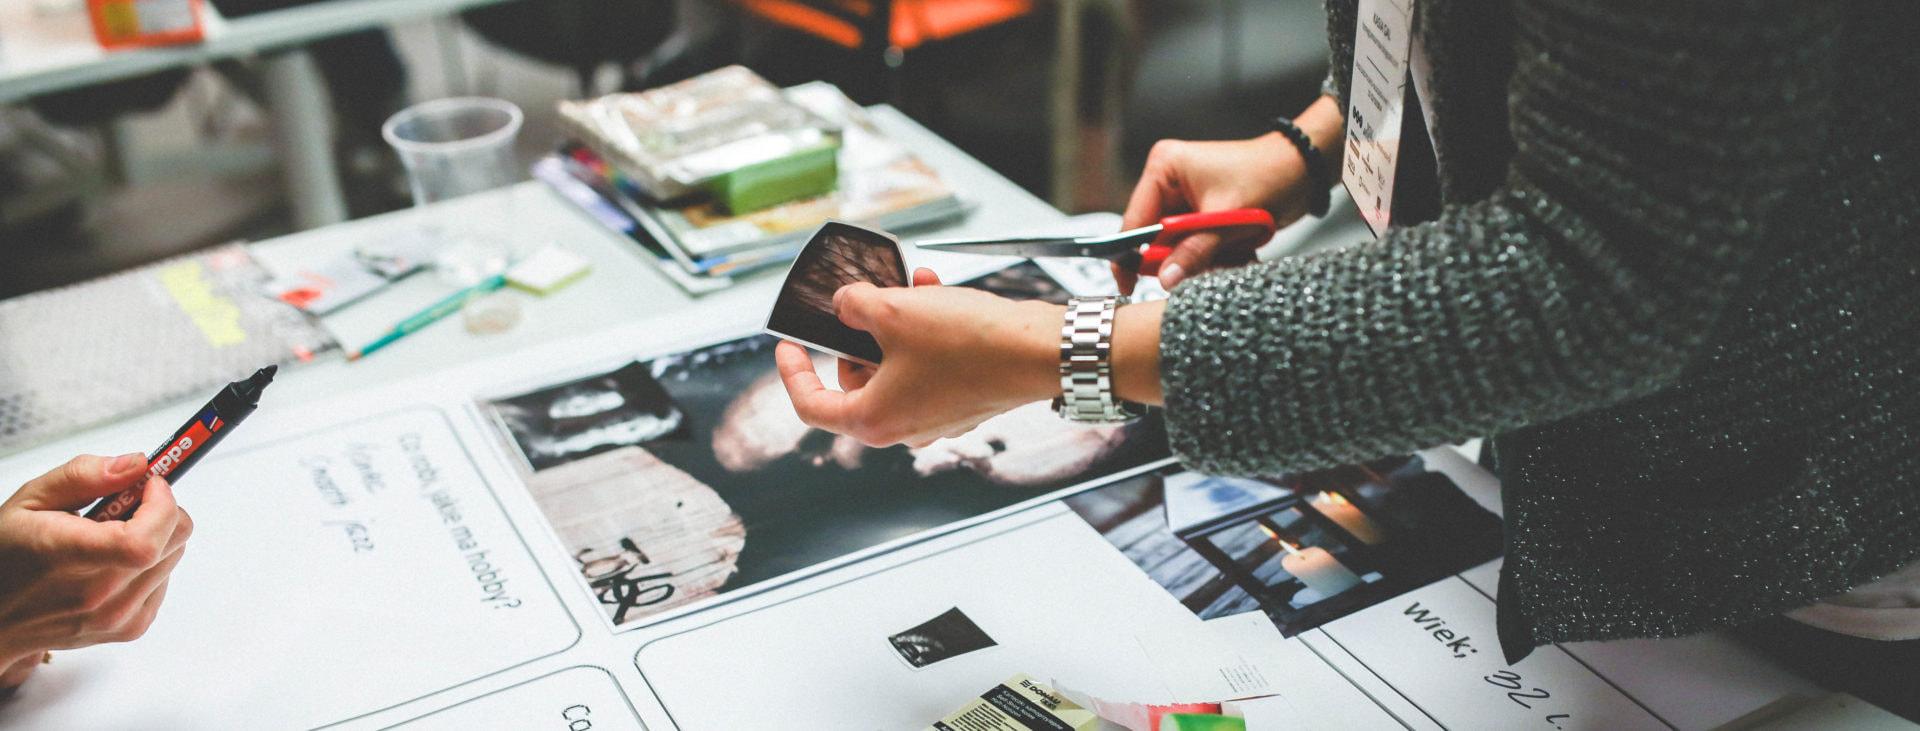 Design Thinking Methode, Design Thinking Prozess, Zusammenarbeit, Innovation durch Gruppenarbeit, gemeinsam gestalten